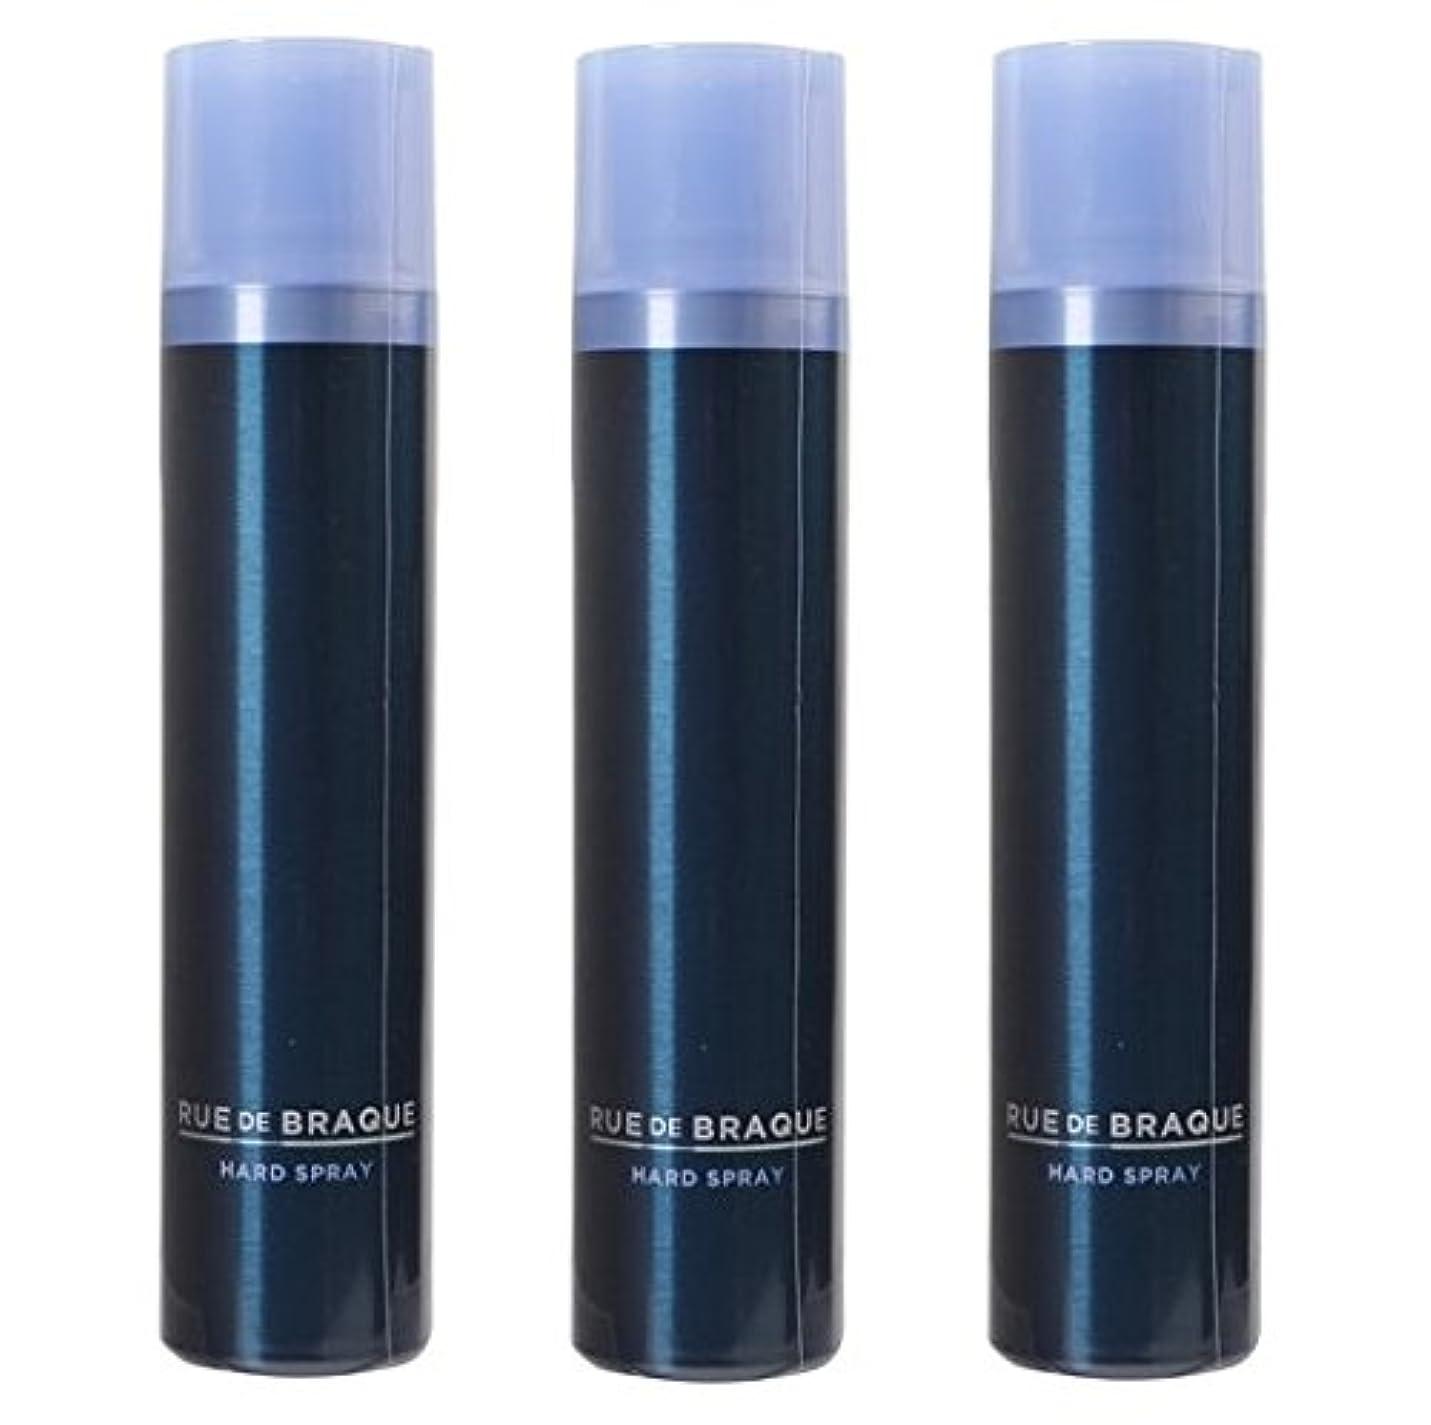 チューリップ有益な不信タマリス ルードブラック ハードスプレー 180g ×3個セット TAMARIS RUE DE BRAQUE 男性用ヘアケア メンズヘアケア メンズケア